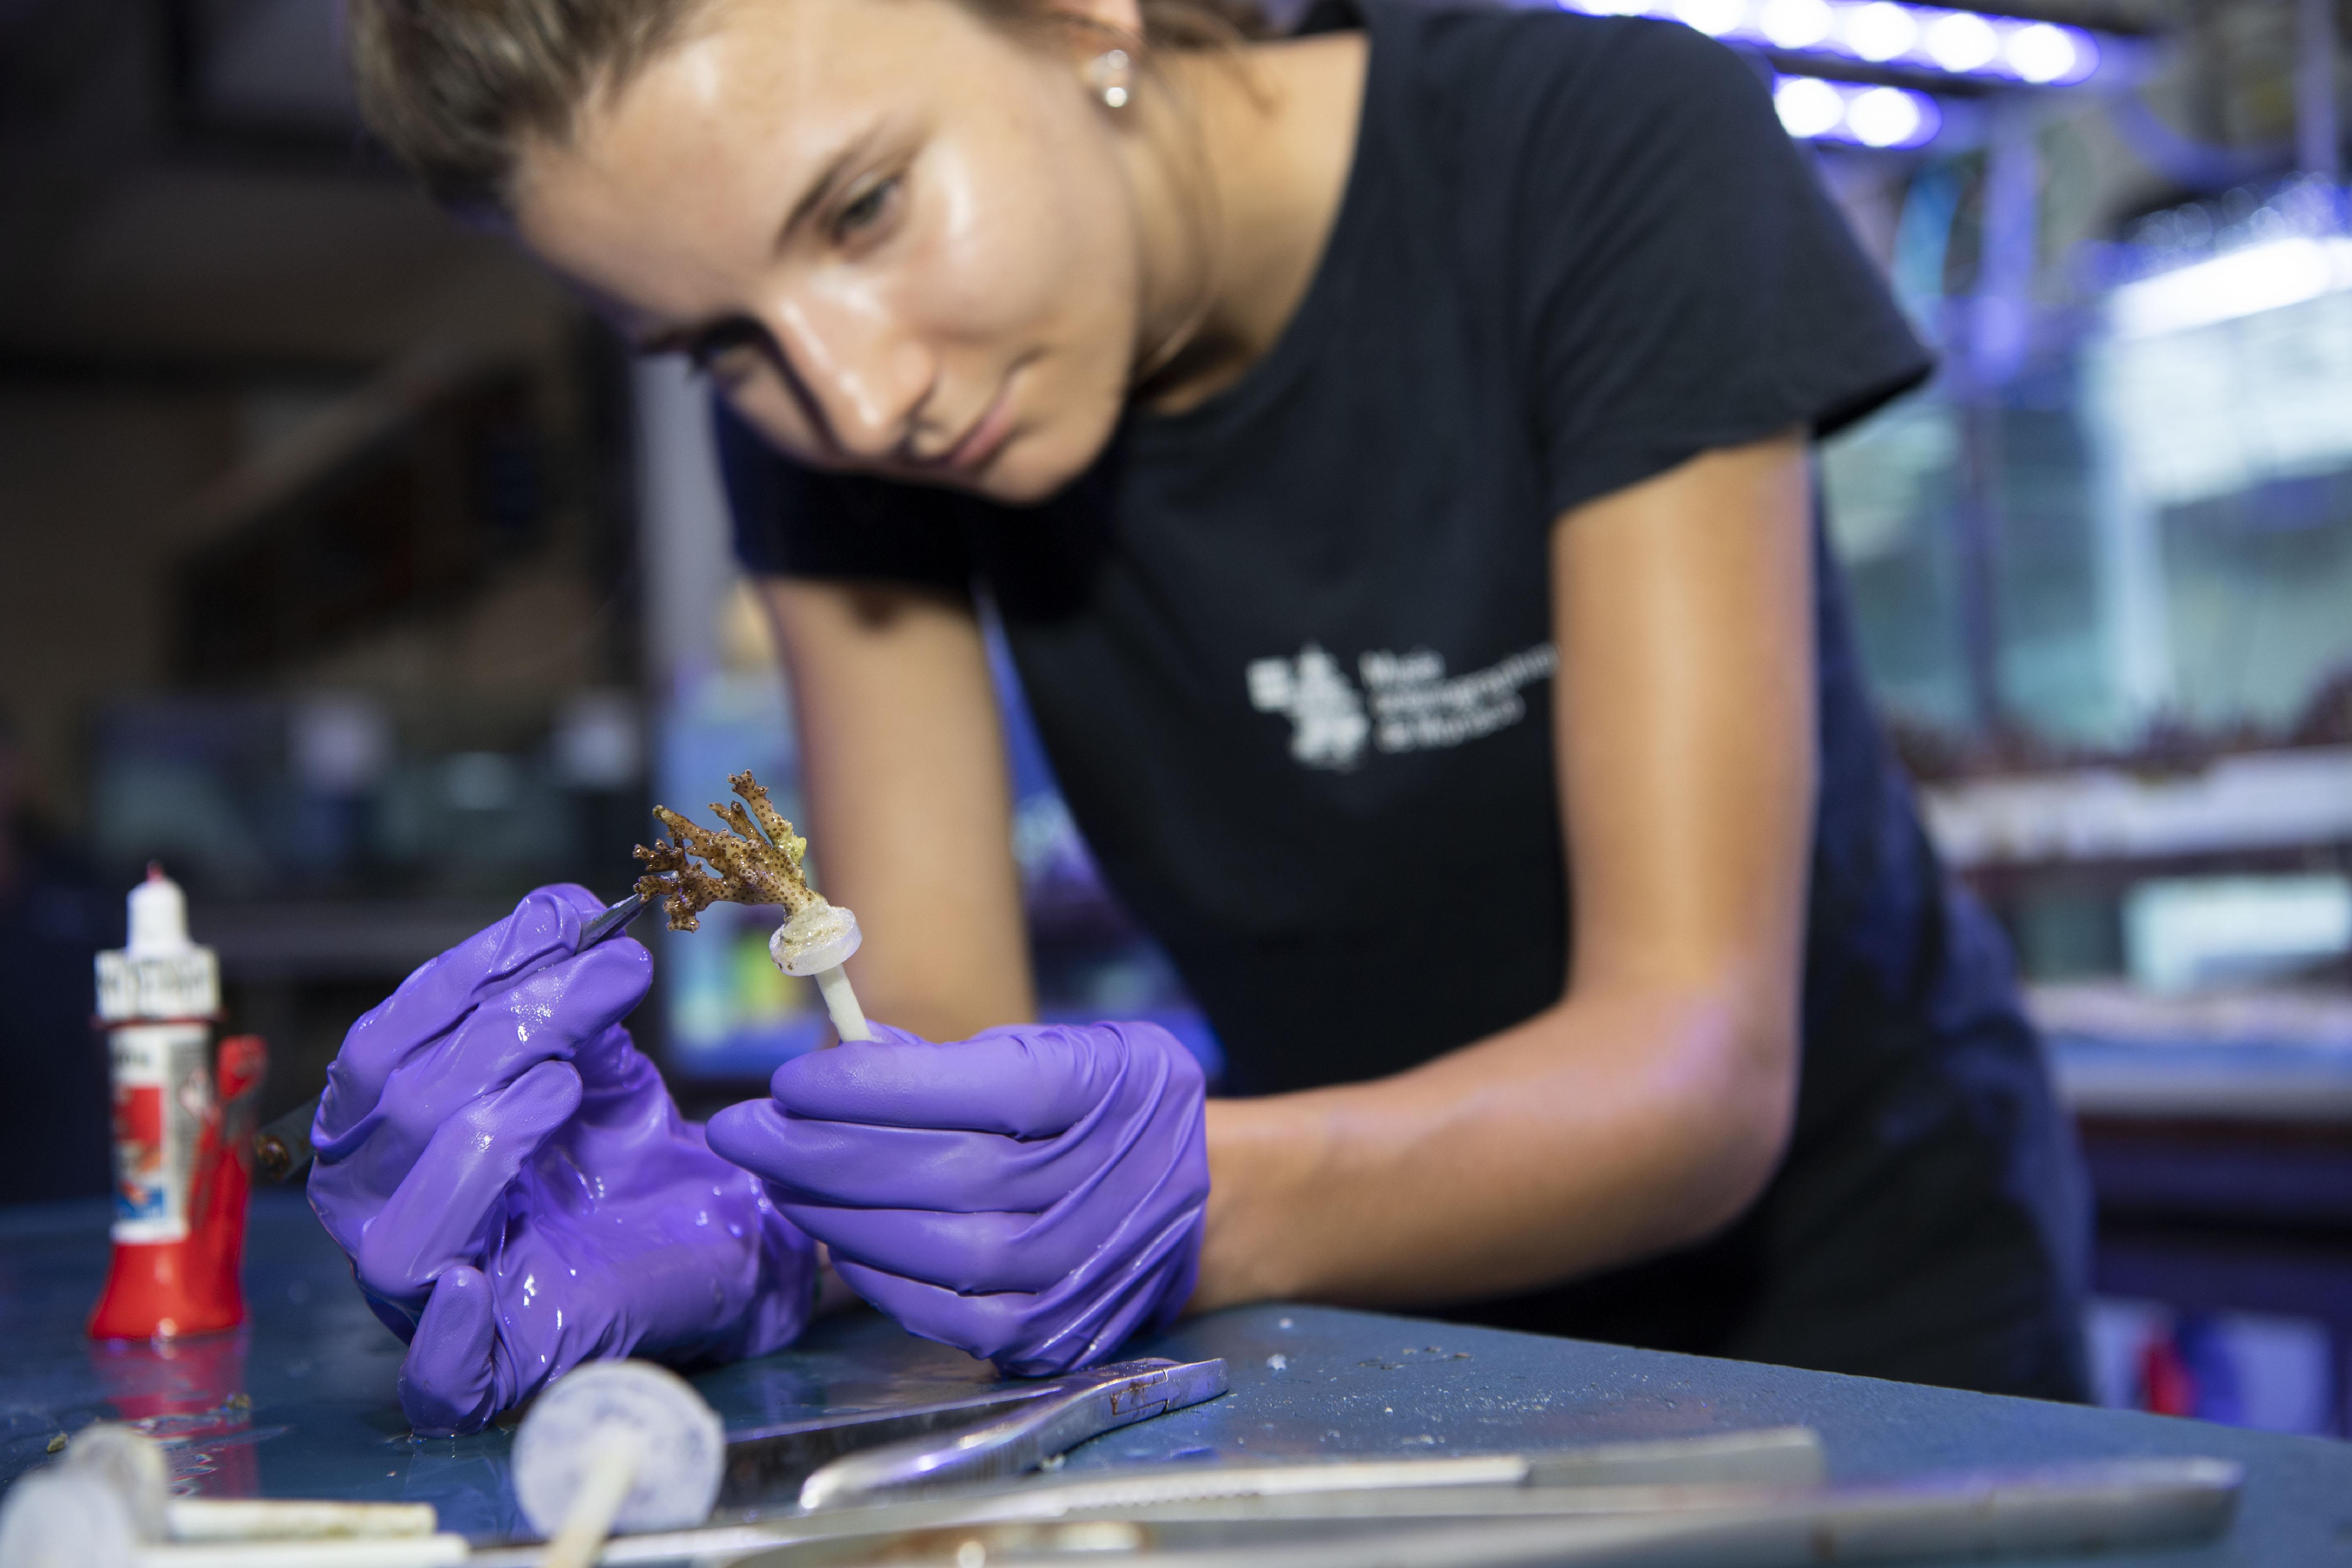 93_Aquariologiste-atelier-coraux_M_Dagnino